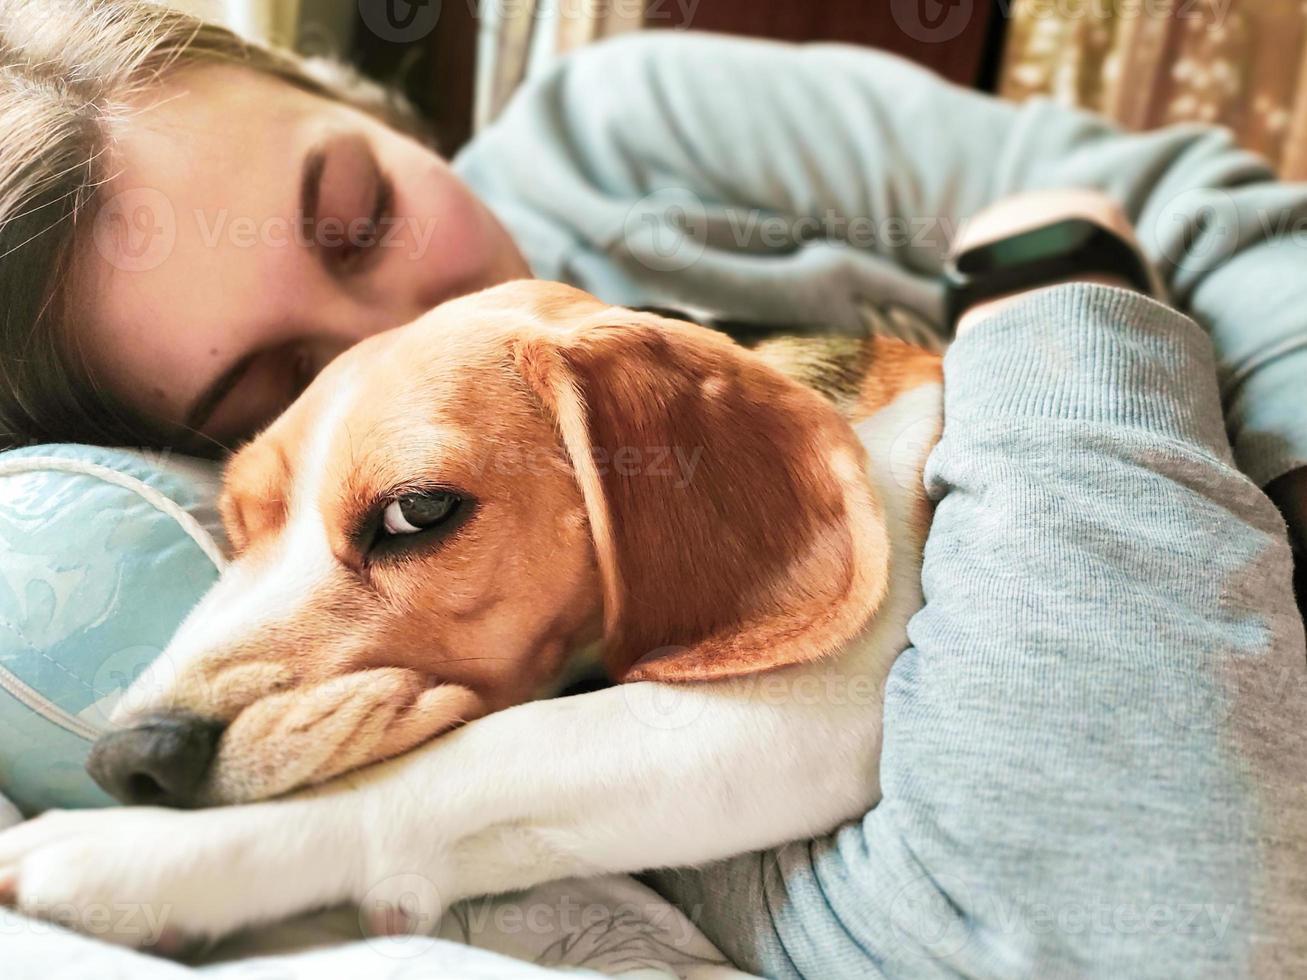 Mädchen und Beagle-Hund schlafen zusammen. Mädchen umarmt einen Hund. Heimtier. Liebe. foto